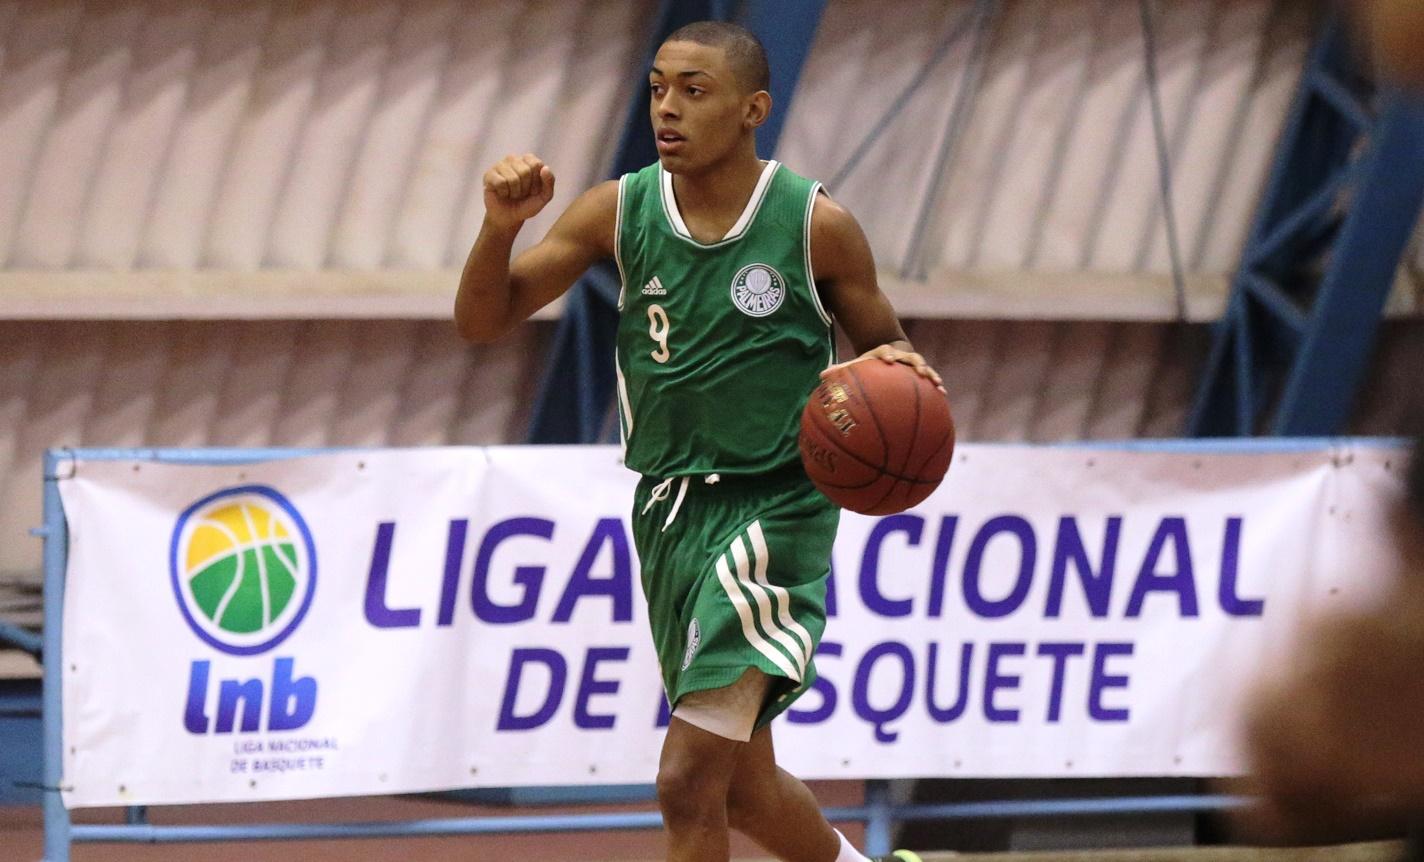 Com apenas 16 anos e dono de muita ousadia e talento, Yago foi o grande destaque da vitória do Palmeiras sobre o Grêmio Náutico União (João Neto/LNB)